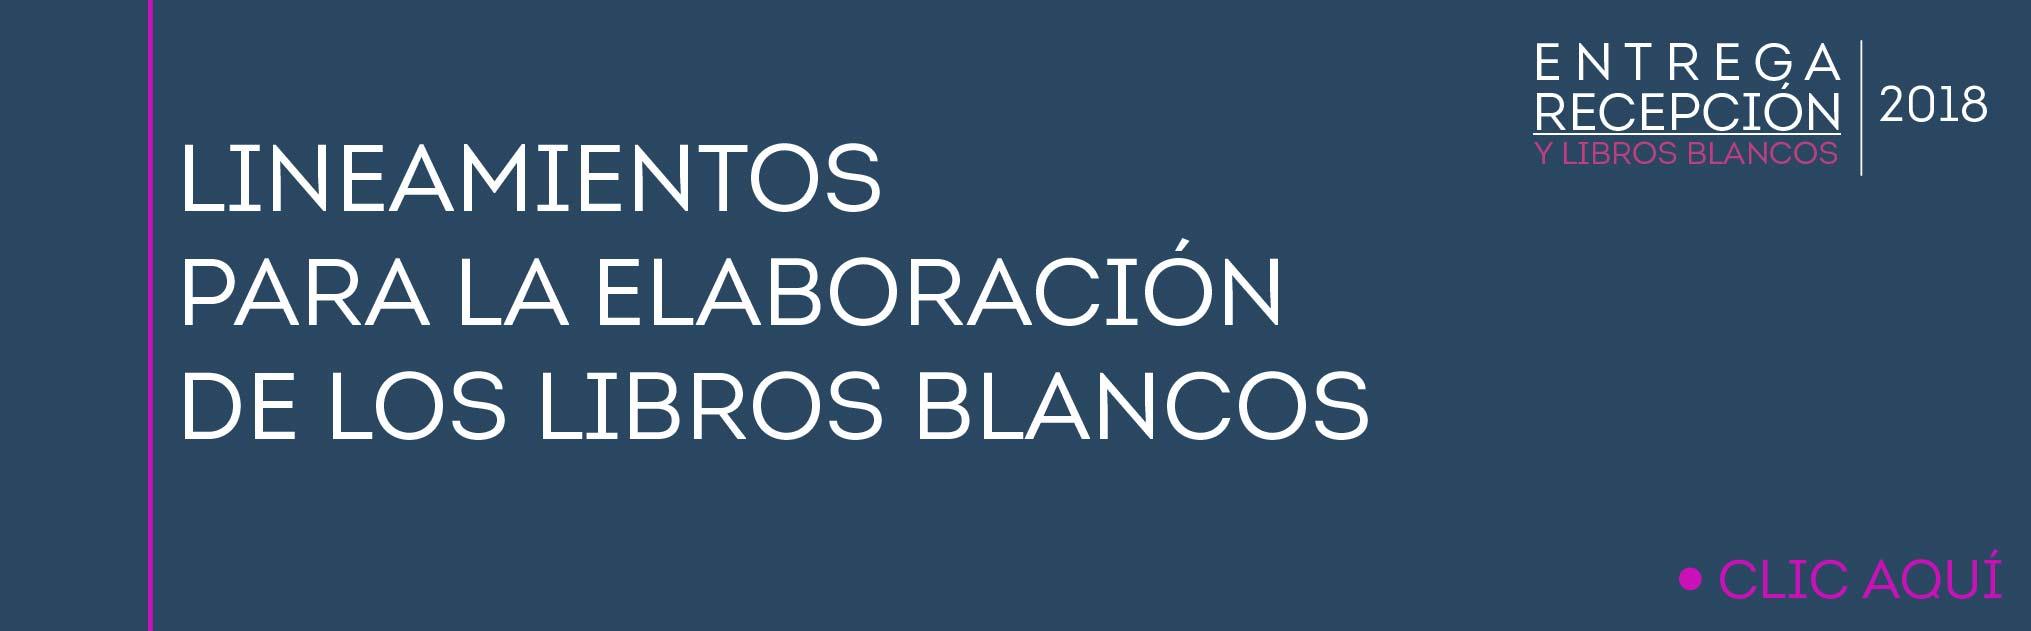 BANER LIBROS BLANCOS-01